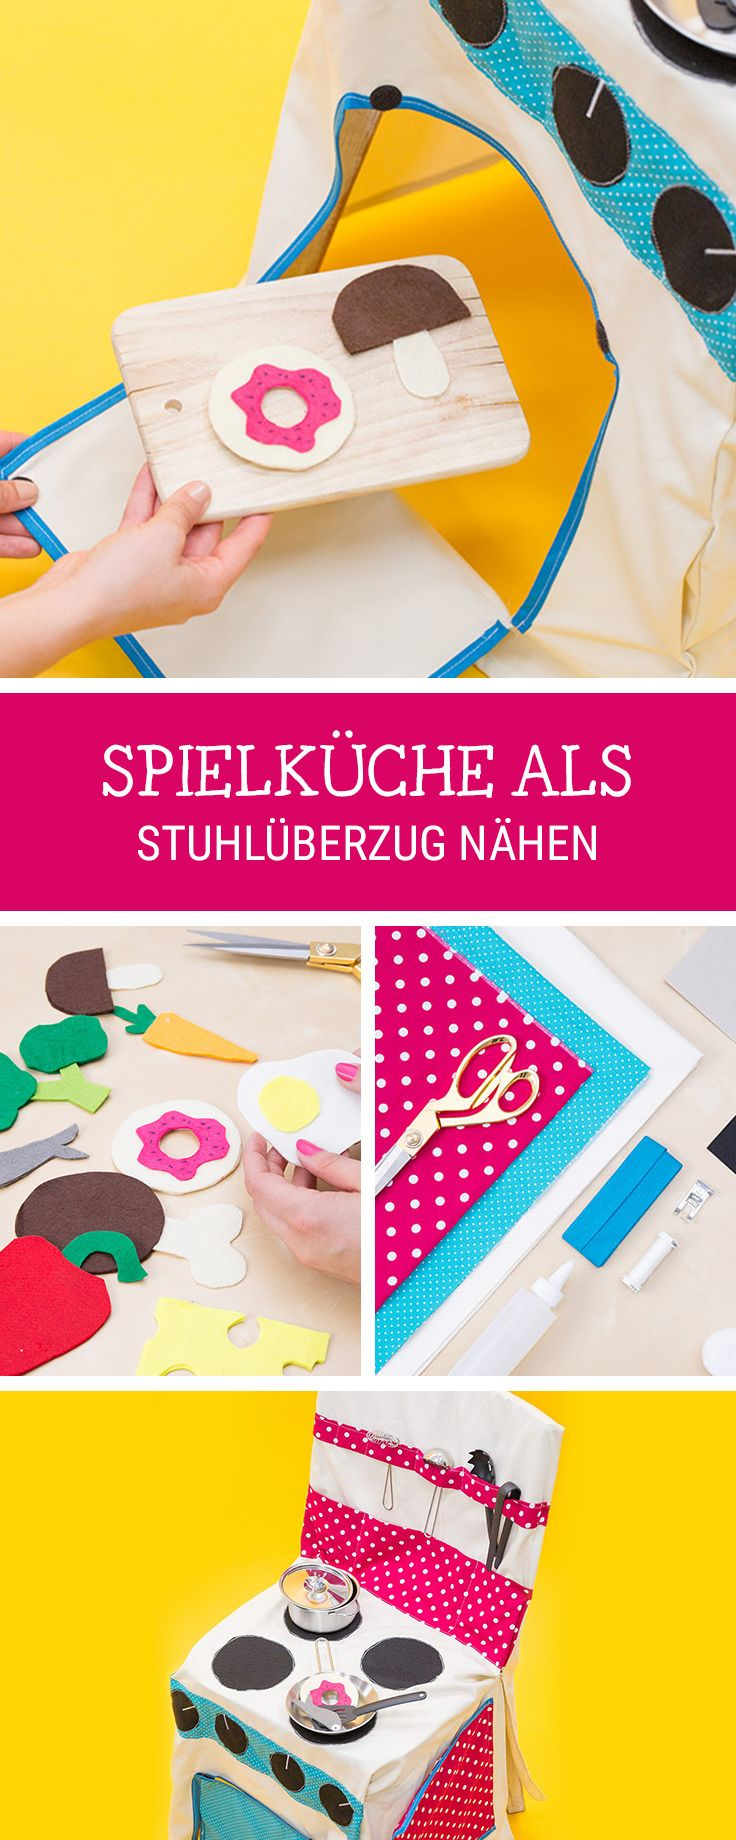 DIY-Anleitung: #Spielzeugküche nähen als Überzug für einen Stuhl, alternative #Husse / #sewingpattern for a children's kitchen via DaWanda.com